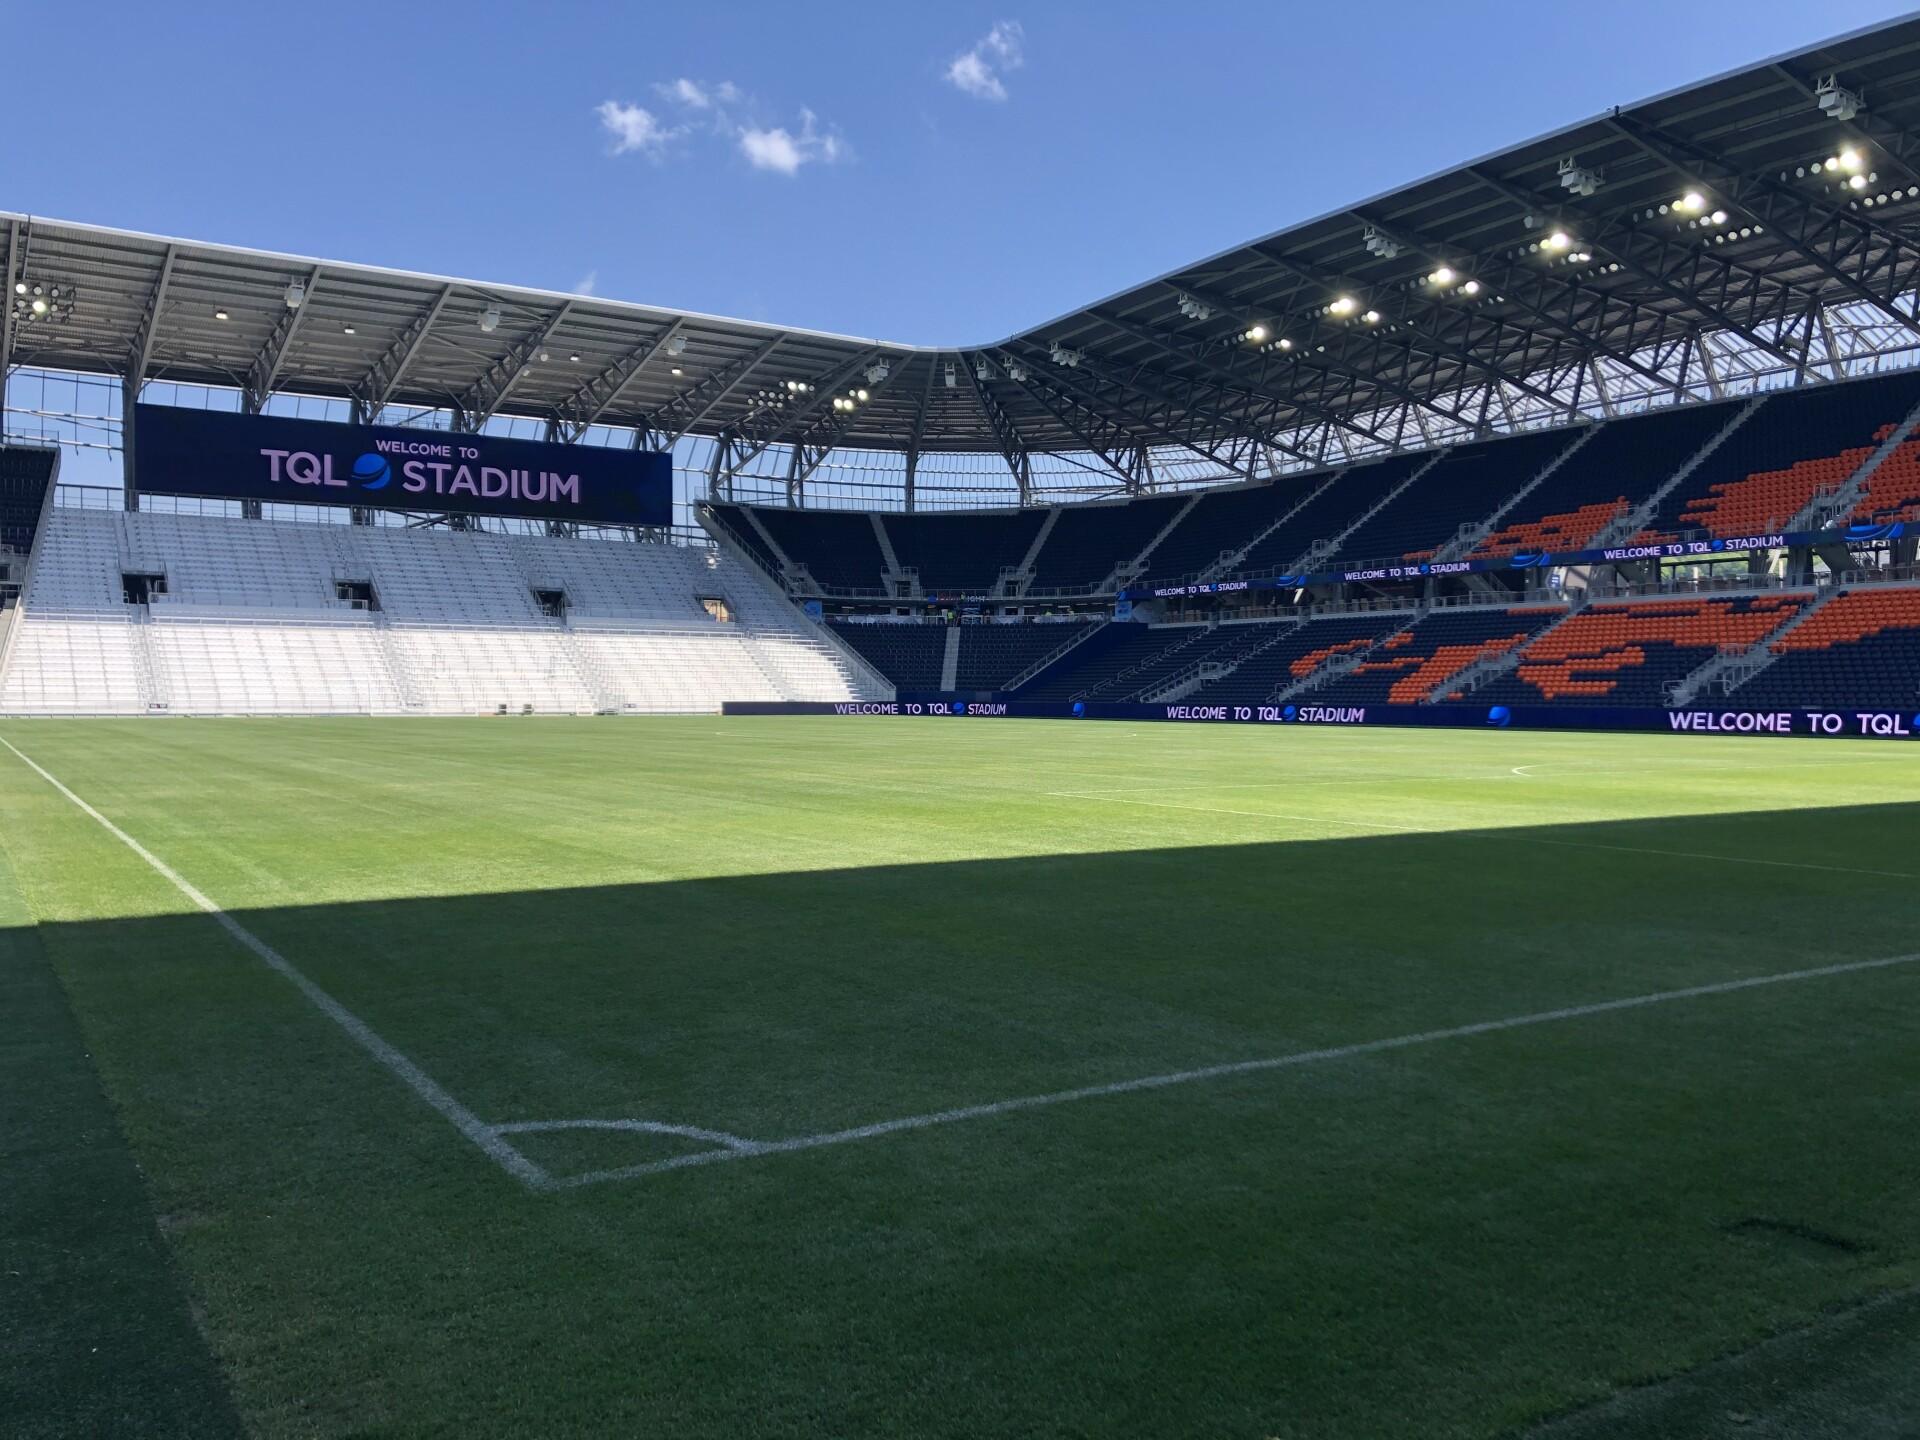 fcc-tql-stadium-1.jpg